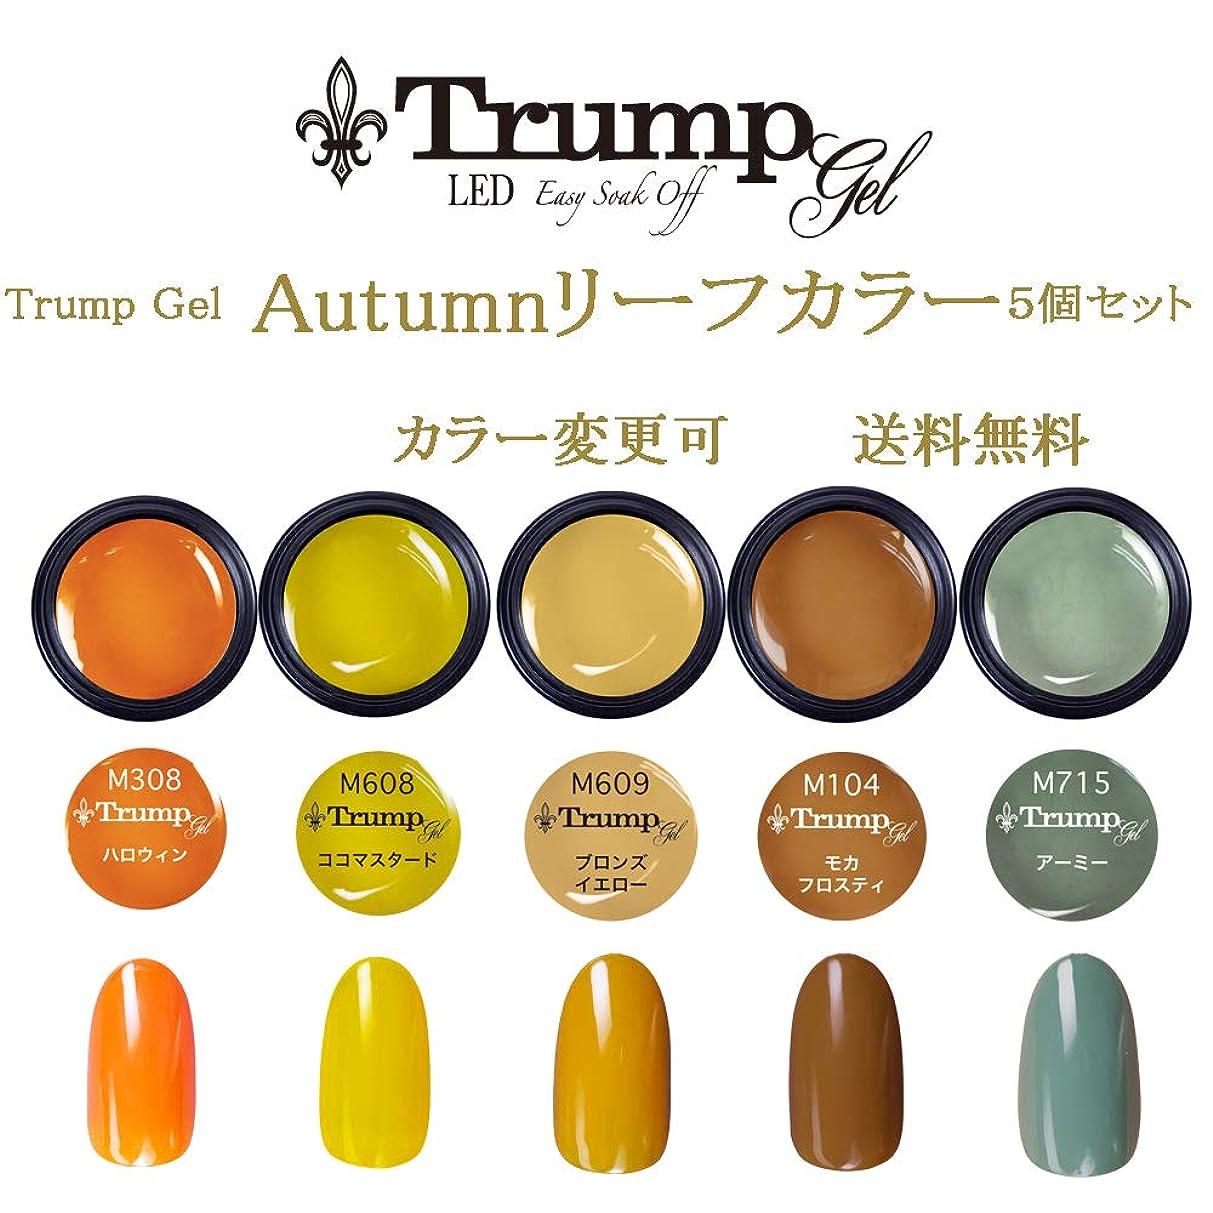 パイプライン局さわやか【送料無料】日本製 Trump gel トランプジェル オータムリーフカラー 選べる カラージェル 5個セット オータムネイル ベージュ ブラウン マスタード カラー